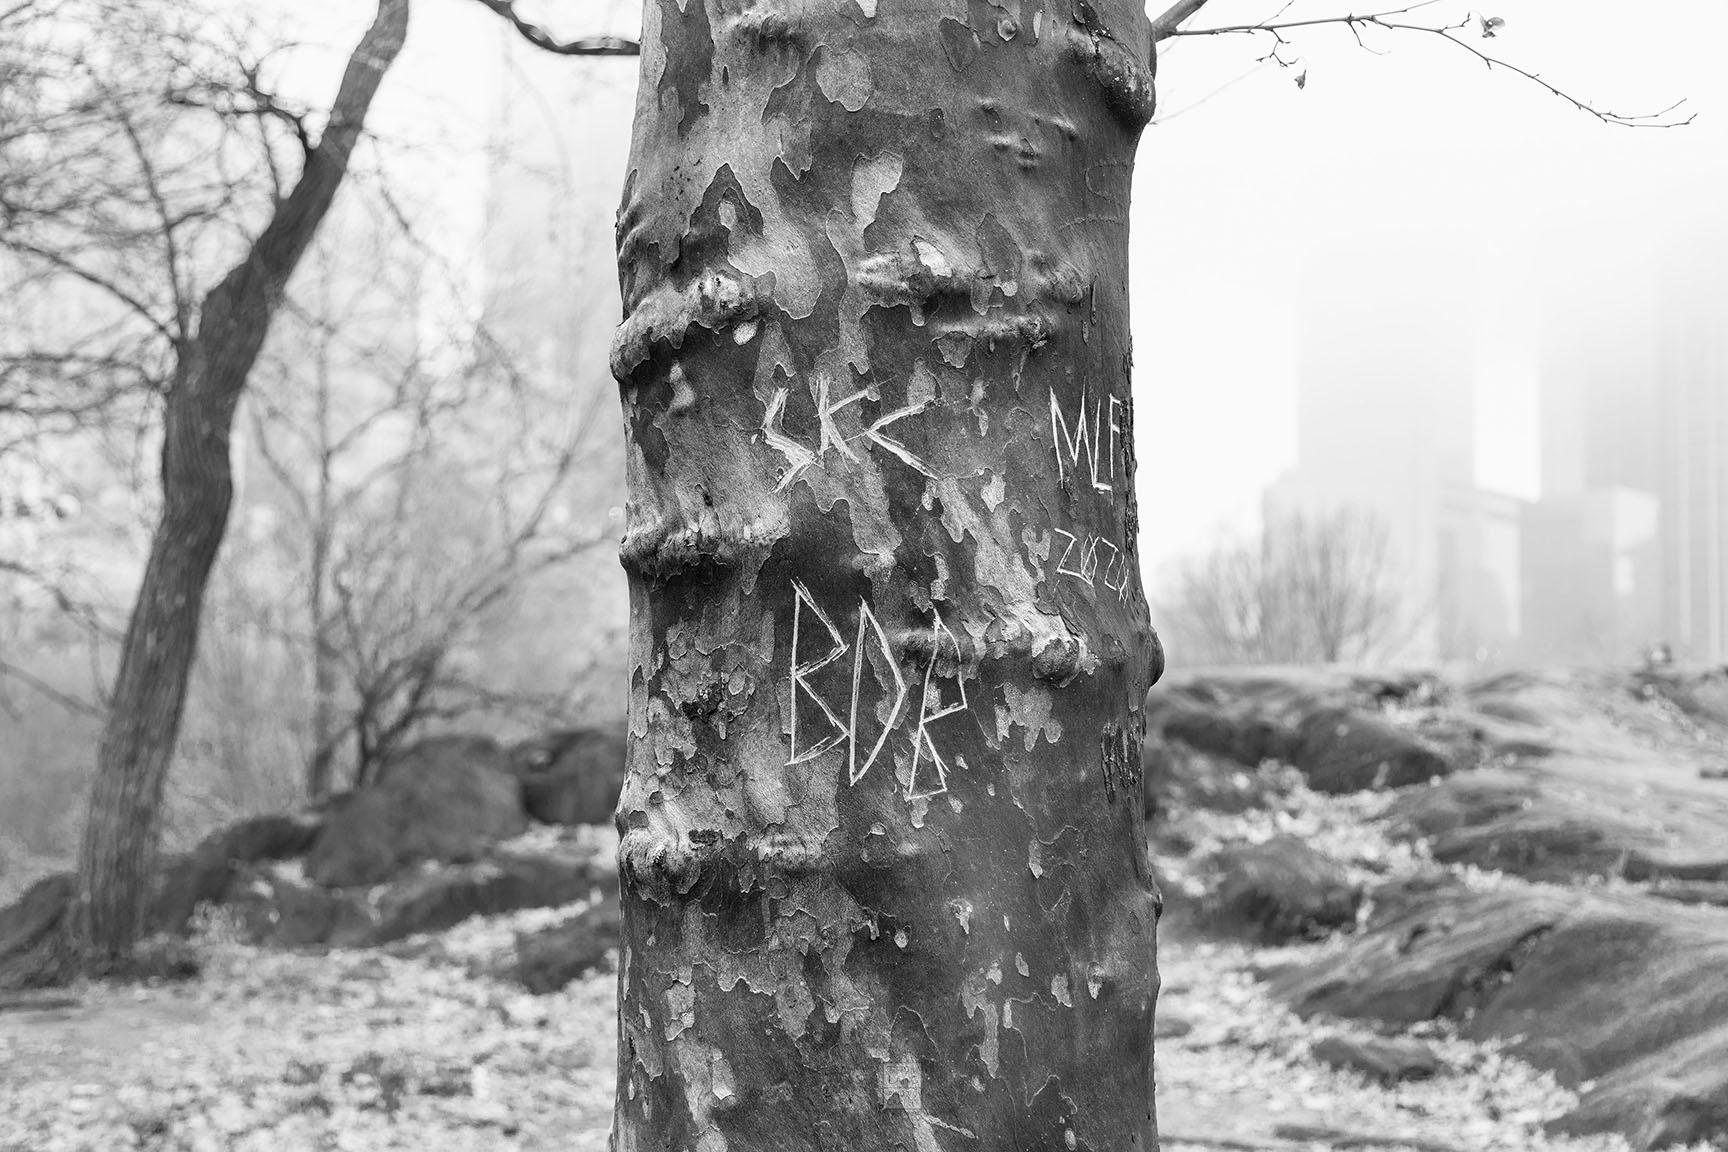 27_Tattoo Tree_6233-BLOG